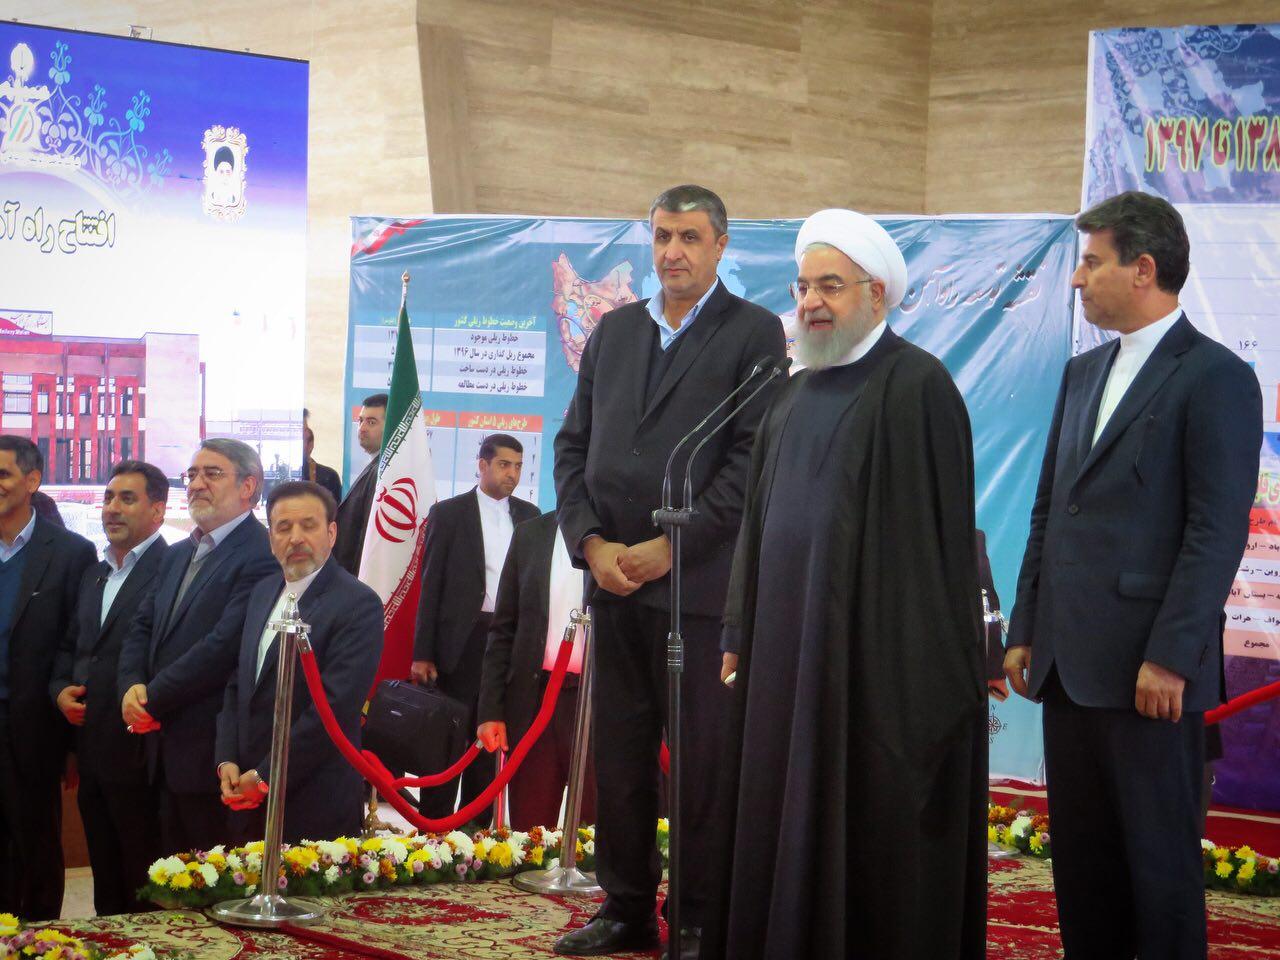 افتتاح راه آهن مراغه – ارومیه امروز با حضور رییس جمهور محترم/ گزارش تصویری جامع